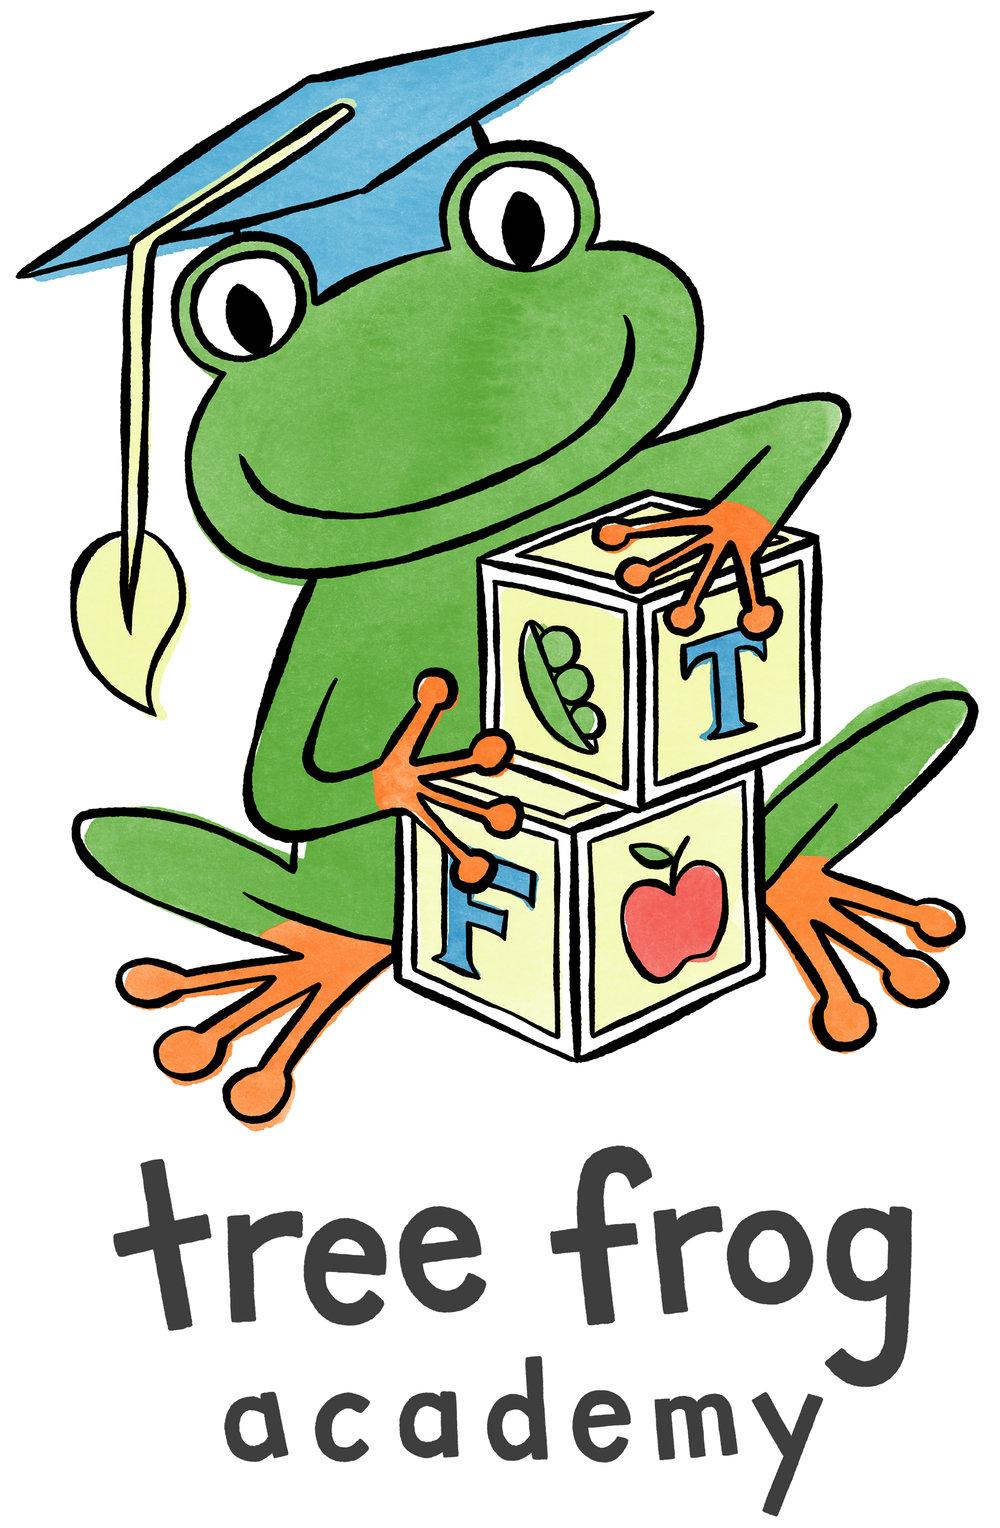 Tree Frog Academy